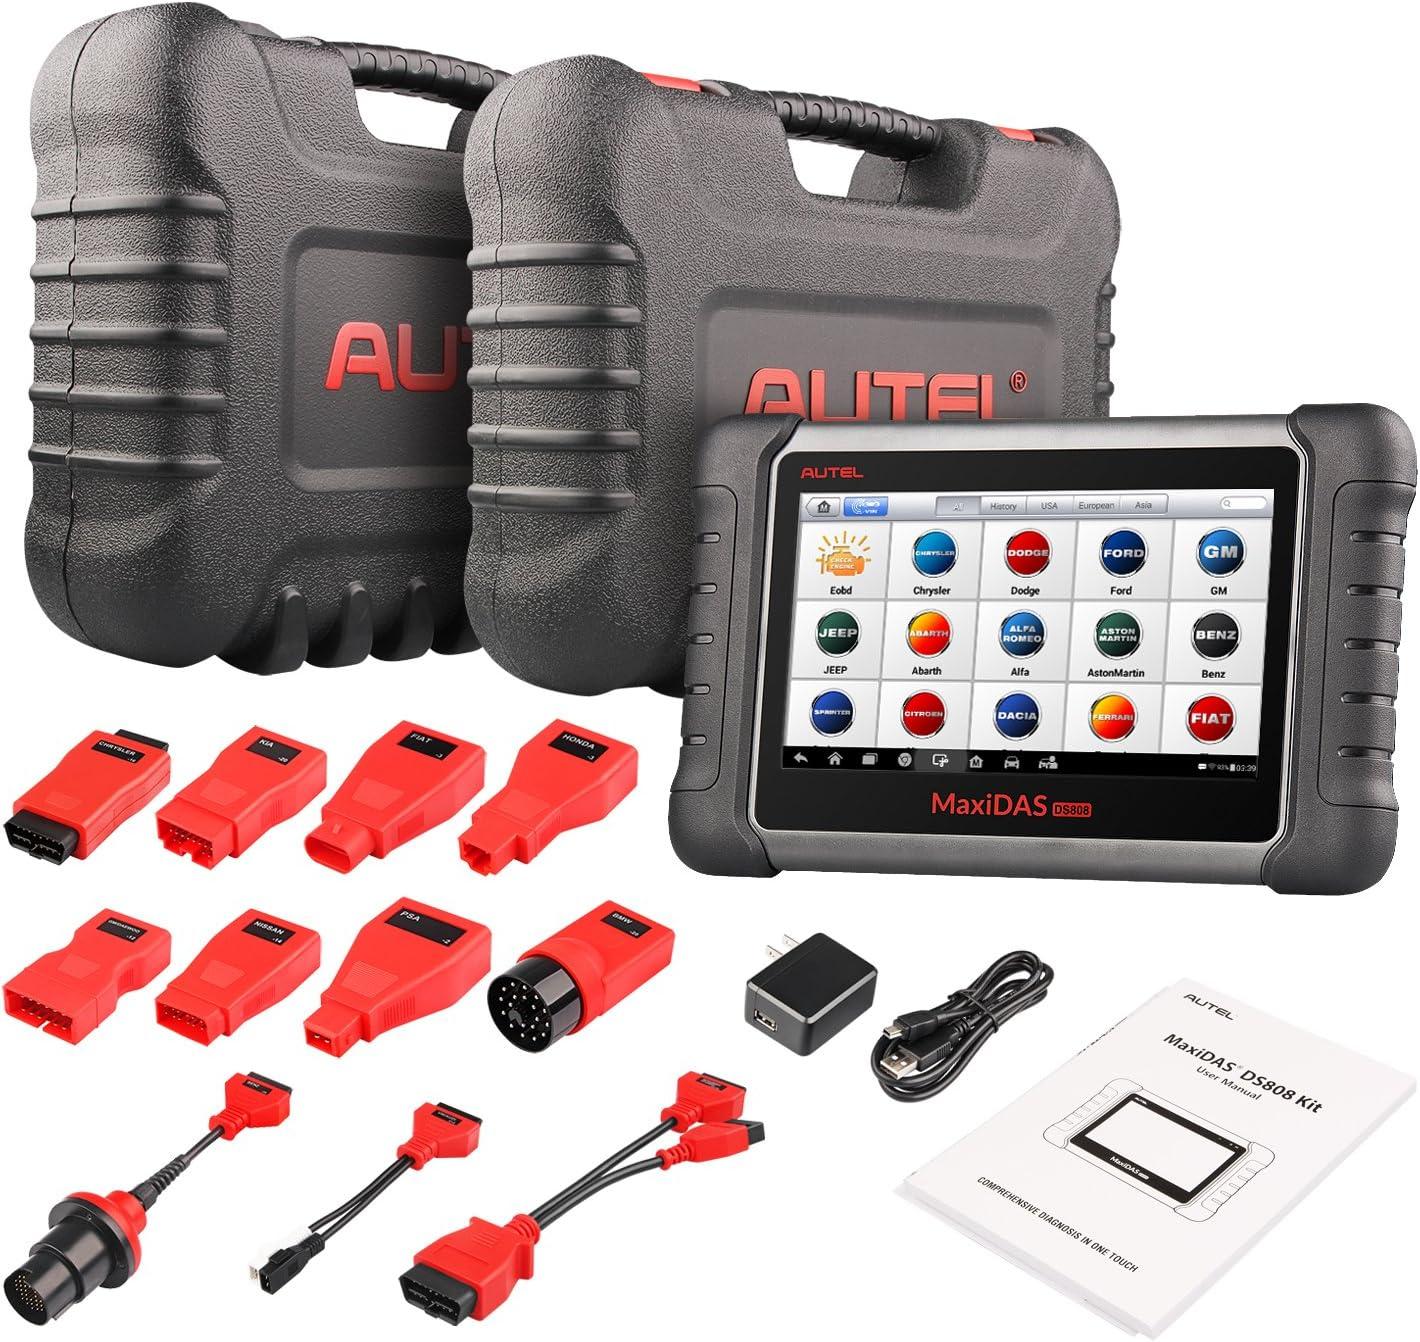 Autel DS808K Professional Car Diagnostic Tool